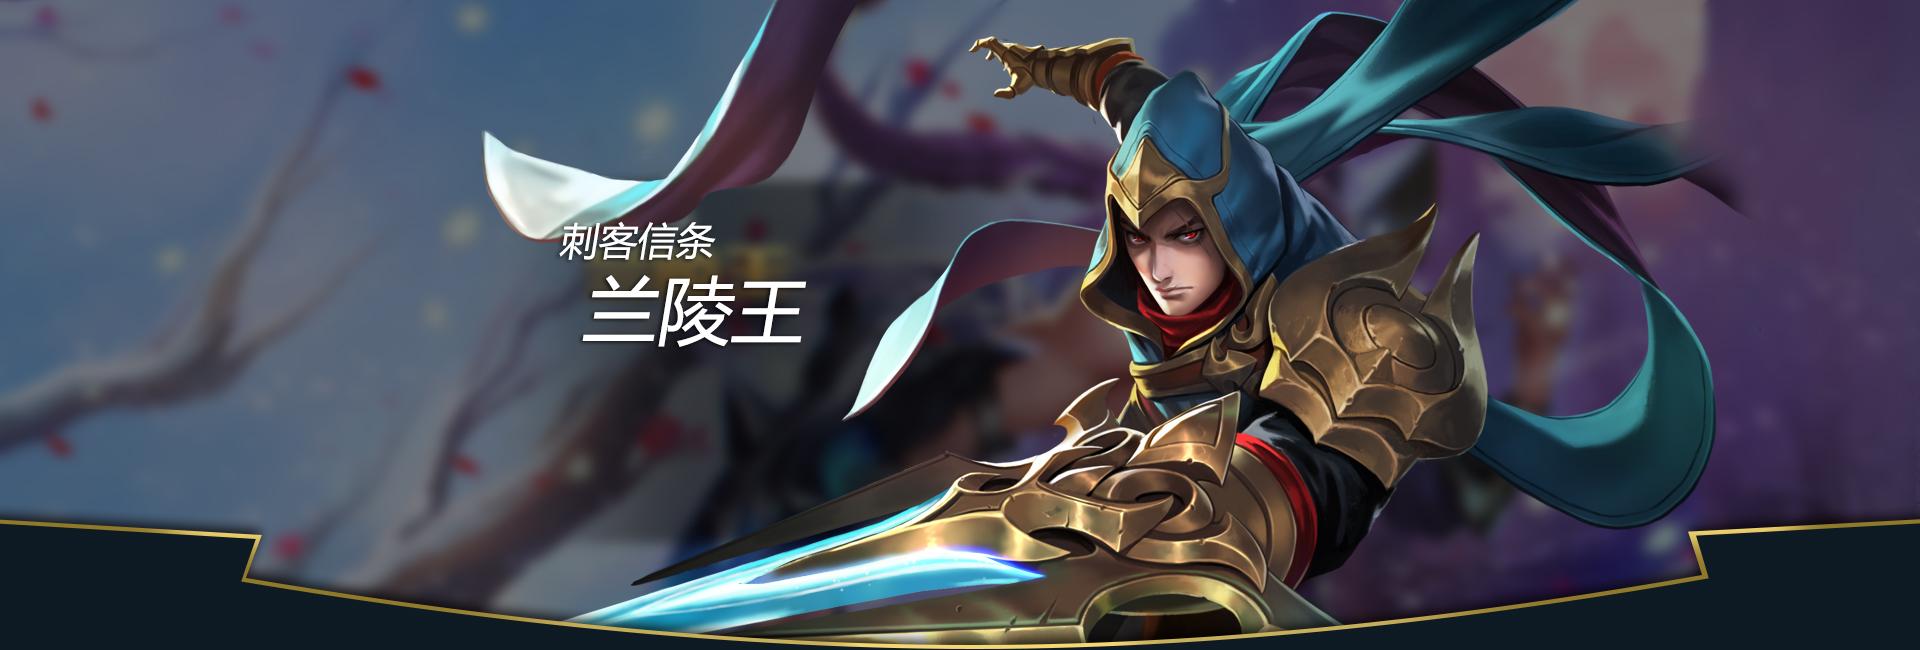 第2弹《王者荣耀英雄皮肤CG》竞技游戏101